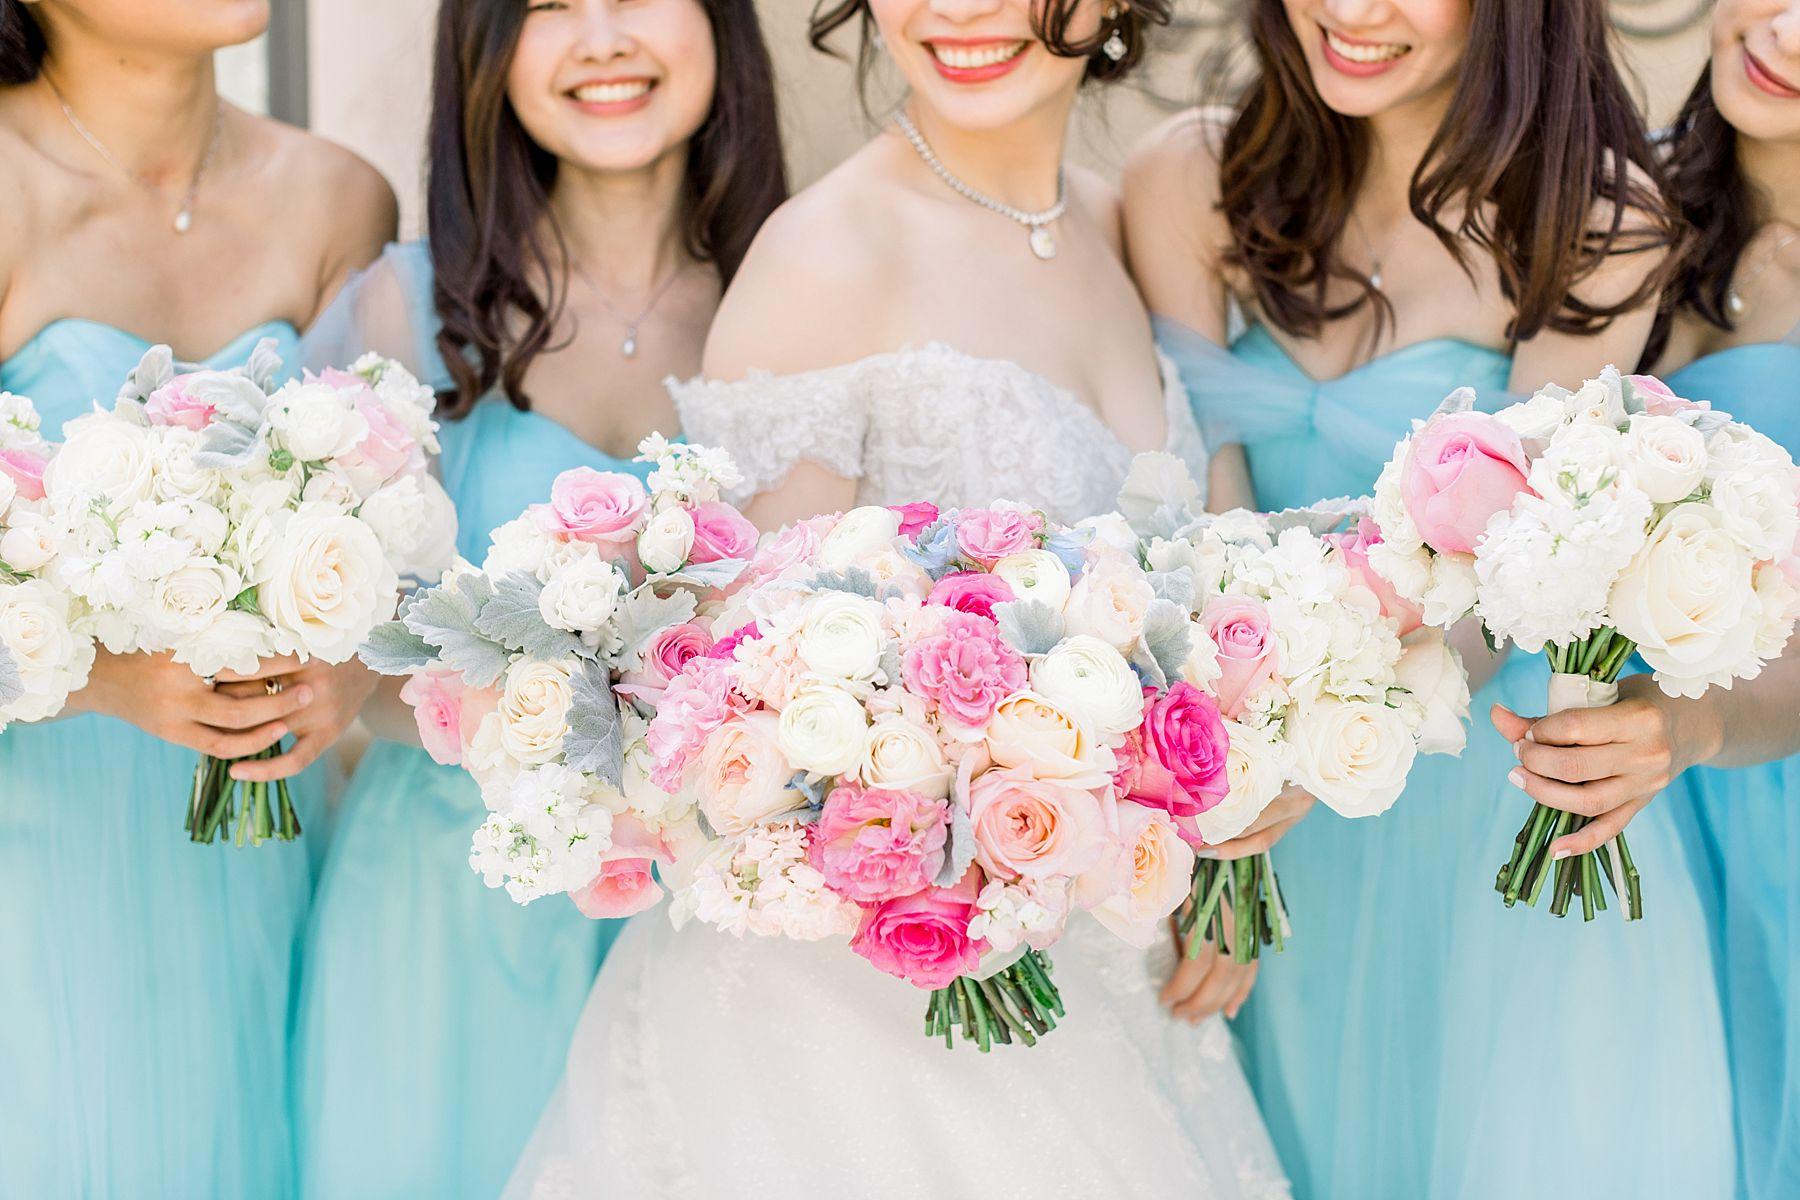 Newberry Estate Vineyards Wedding - Ashley Baumgartner - Jasmine and Johhny - Bay Area Wedding Photographer - Sacramento Wedding Photographer_0016.jpg